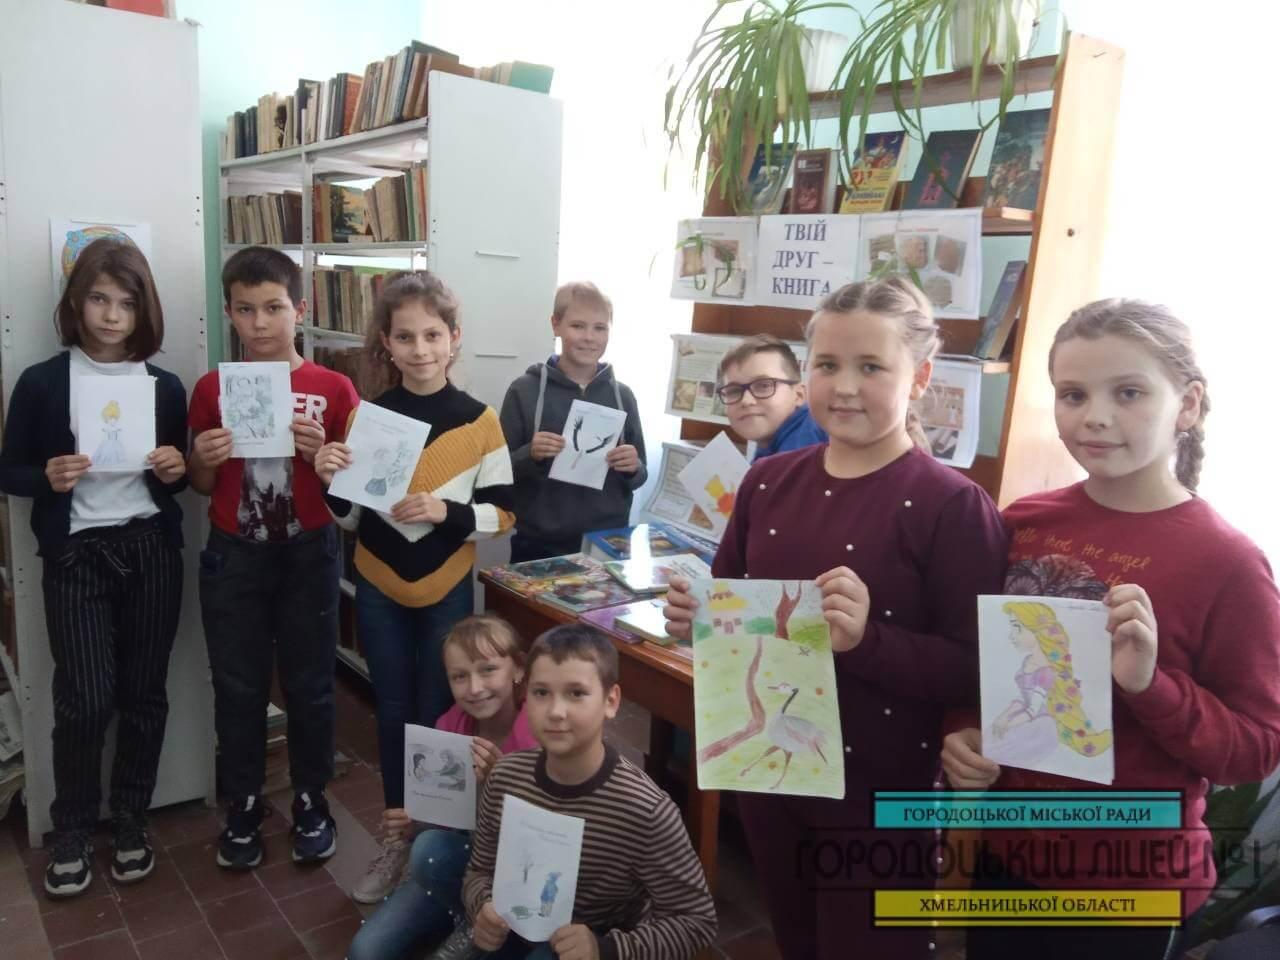 zobrazhennya viber 2019 10 02 19 59 131 - Всеукраїнський день бібліотек